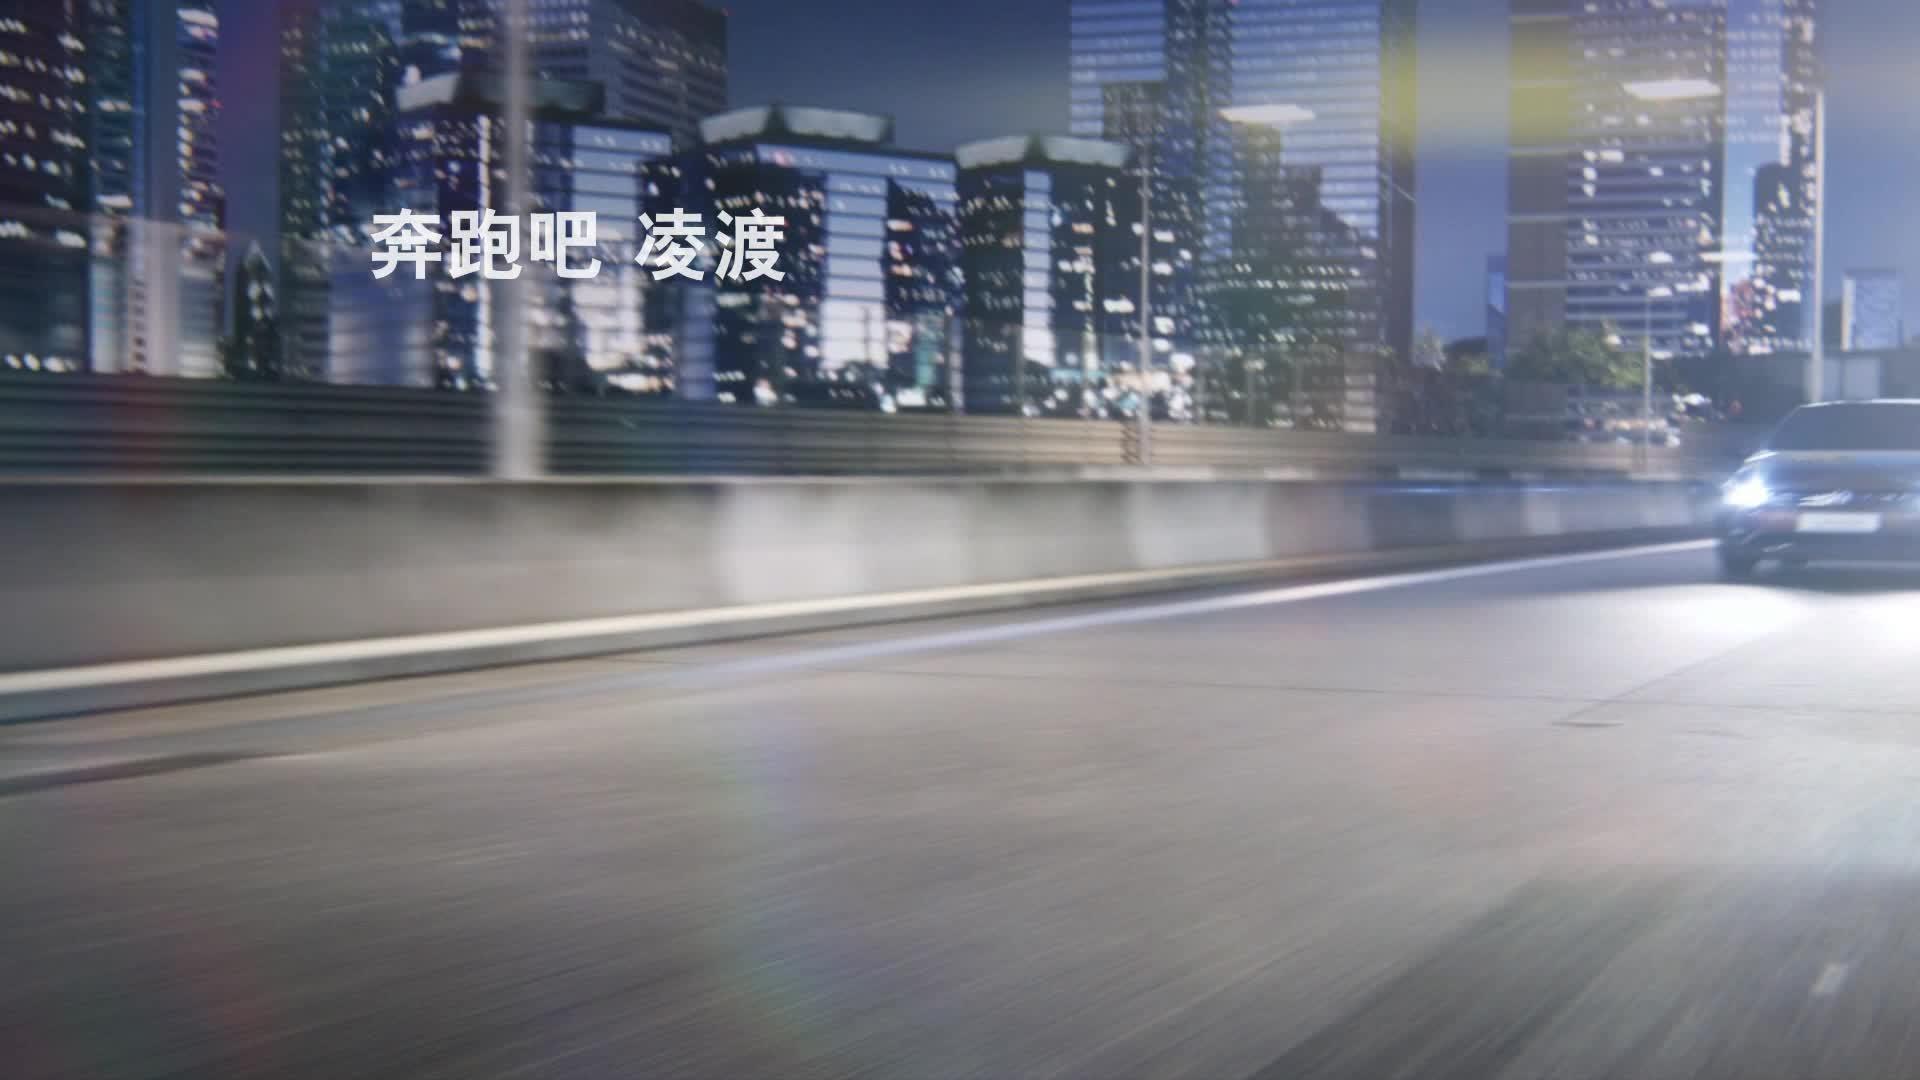 【上海大众汽车视频】_滨州尚众